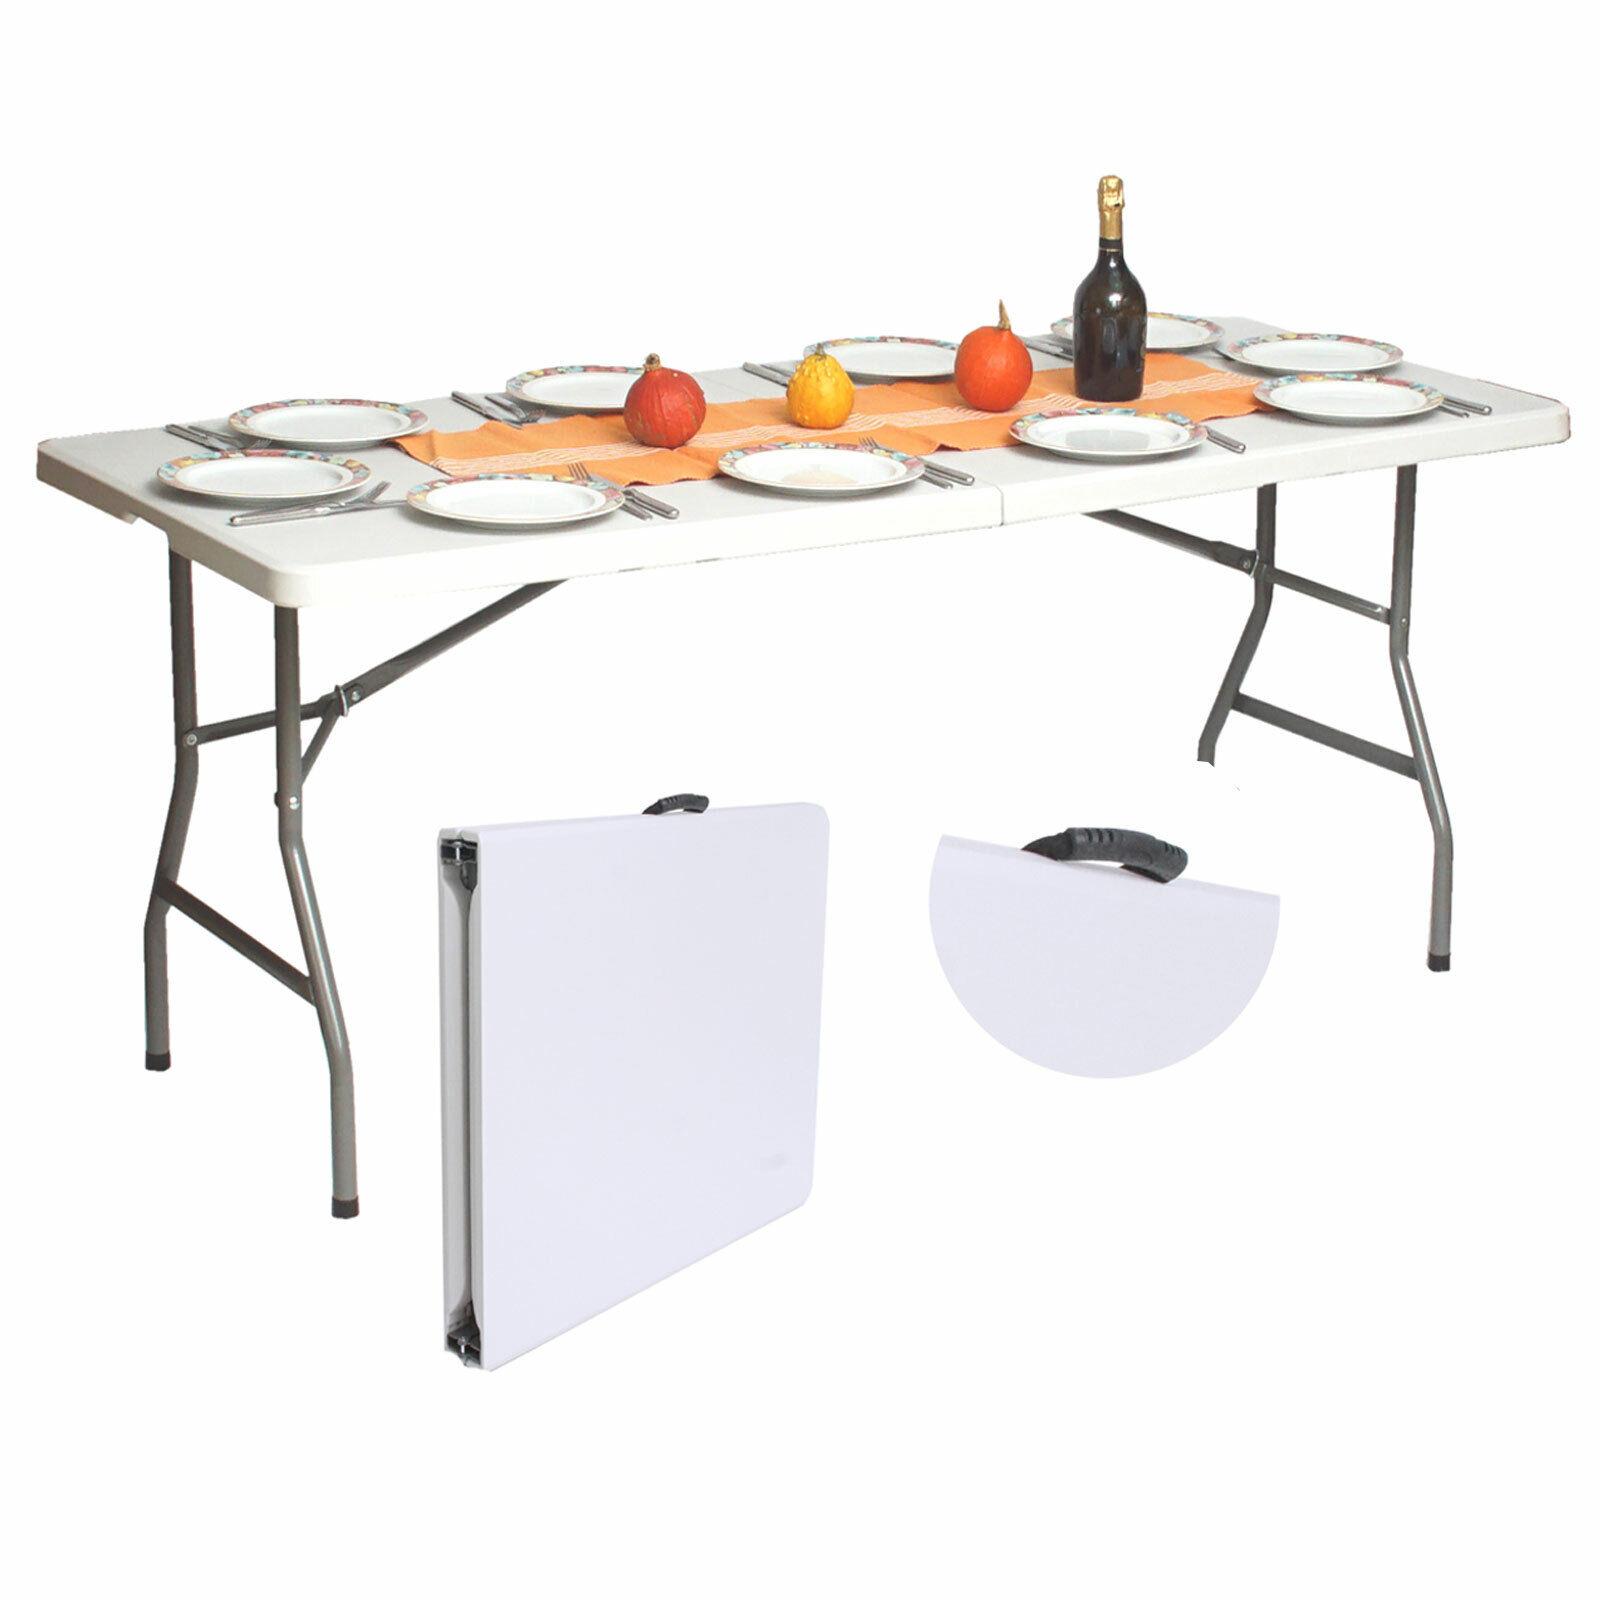 Campingtisch Gartentisch Buffettisch Esstisch Klapptisch 180cm klappbar 8 Pers